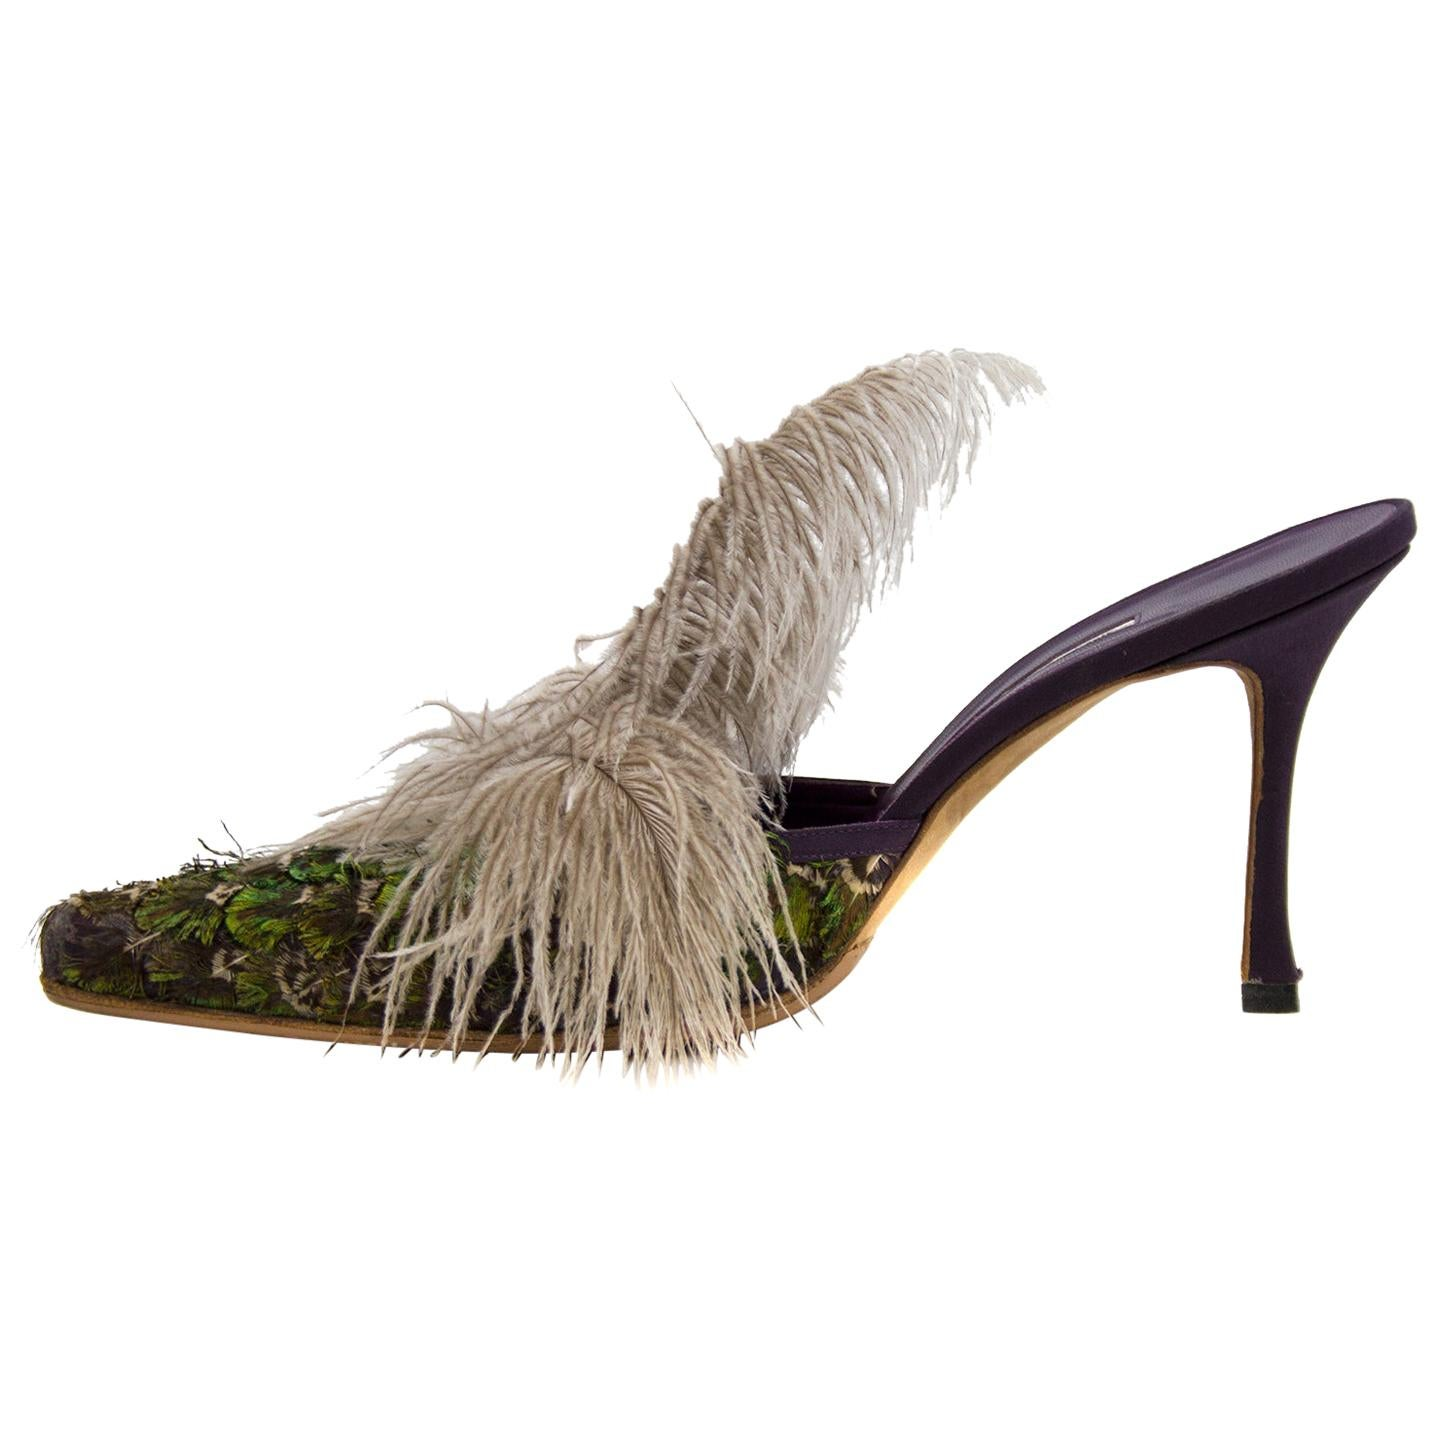 e398f2d4bd0af Vintage Manolo Blahnik Shoes - 86 For Sale at 1stdibs